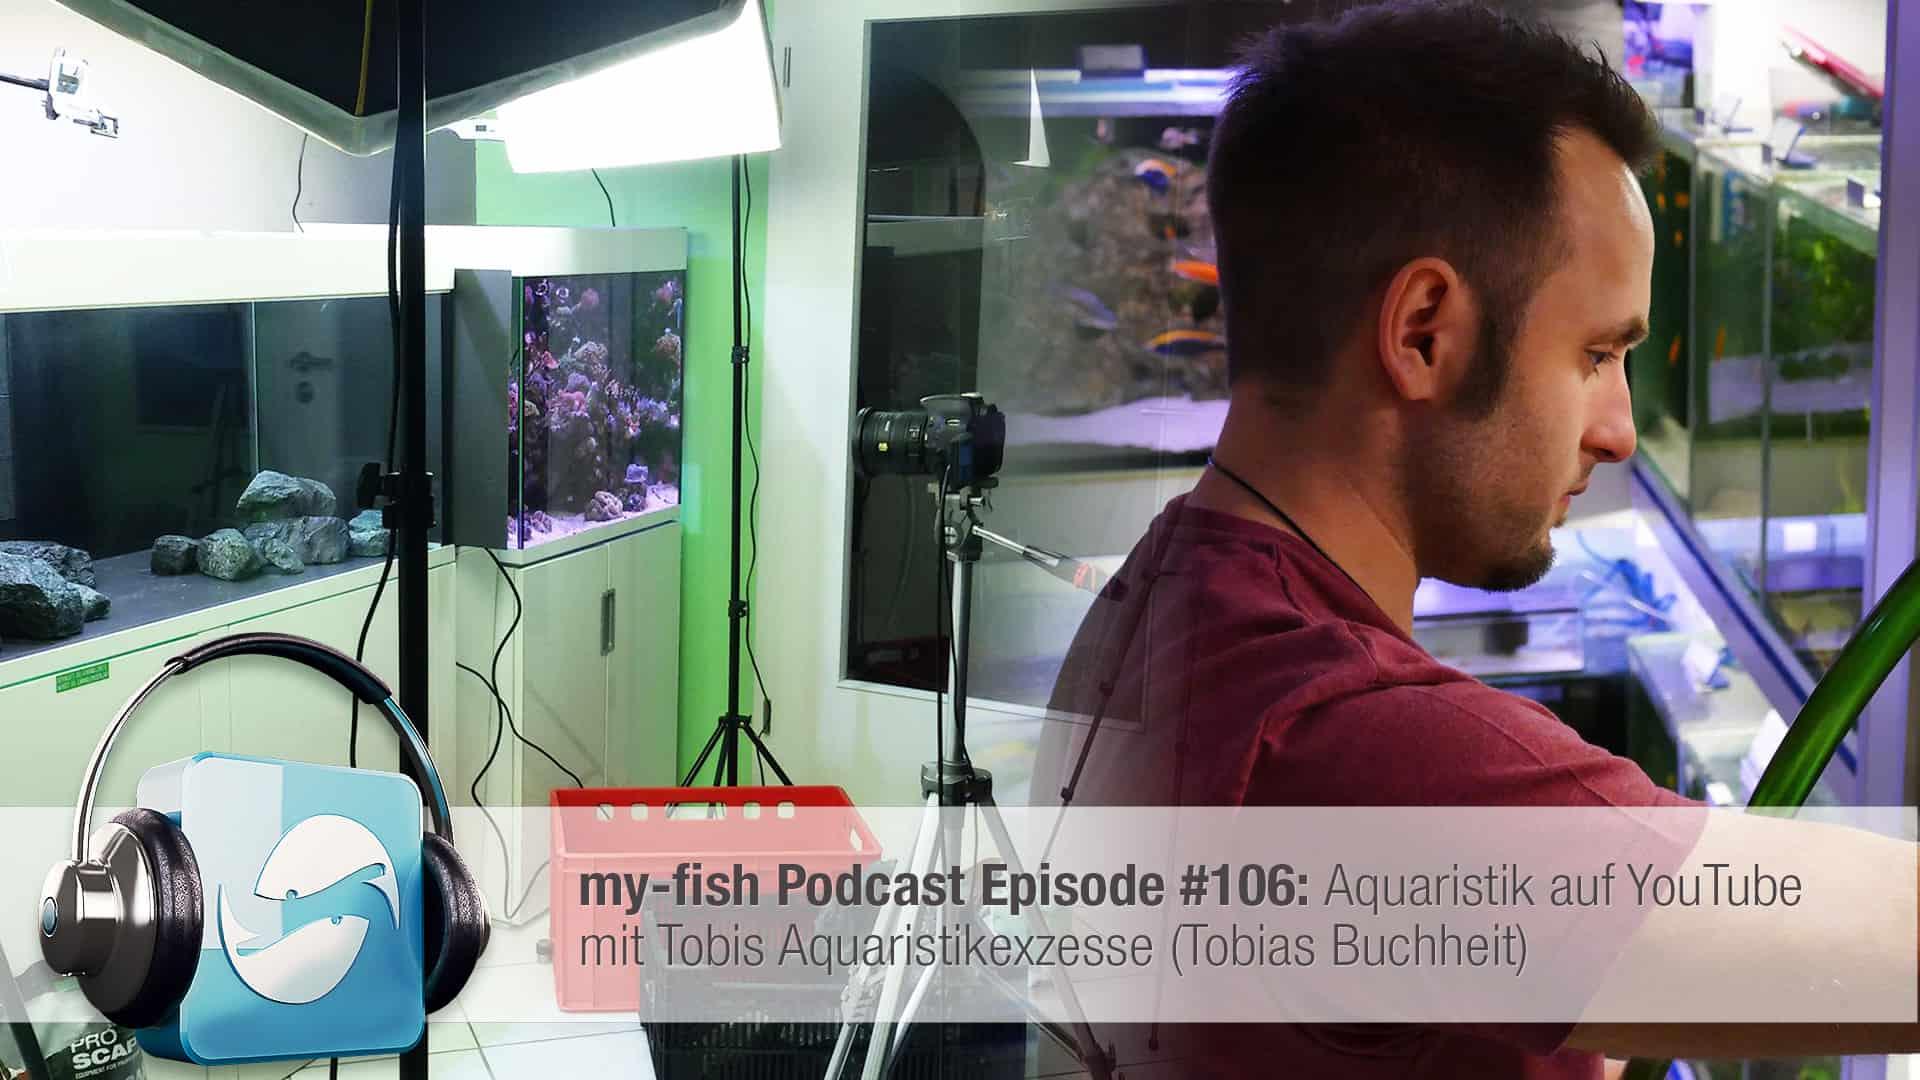 Podcast Episode #106: Aquaristik auf YouTube mit Tobis Aquaristikexzesse (Tobias Buchheit) 1